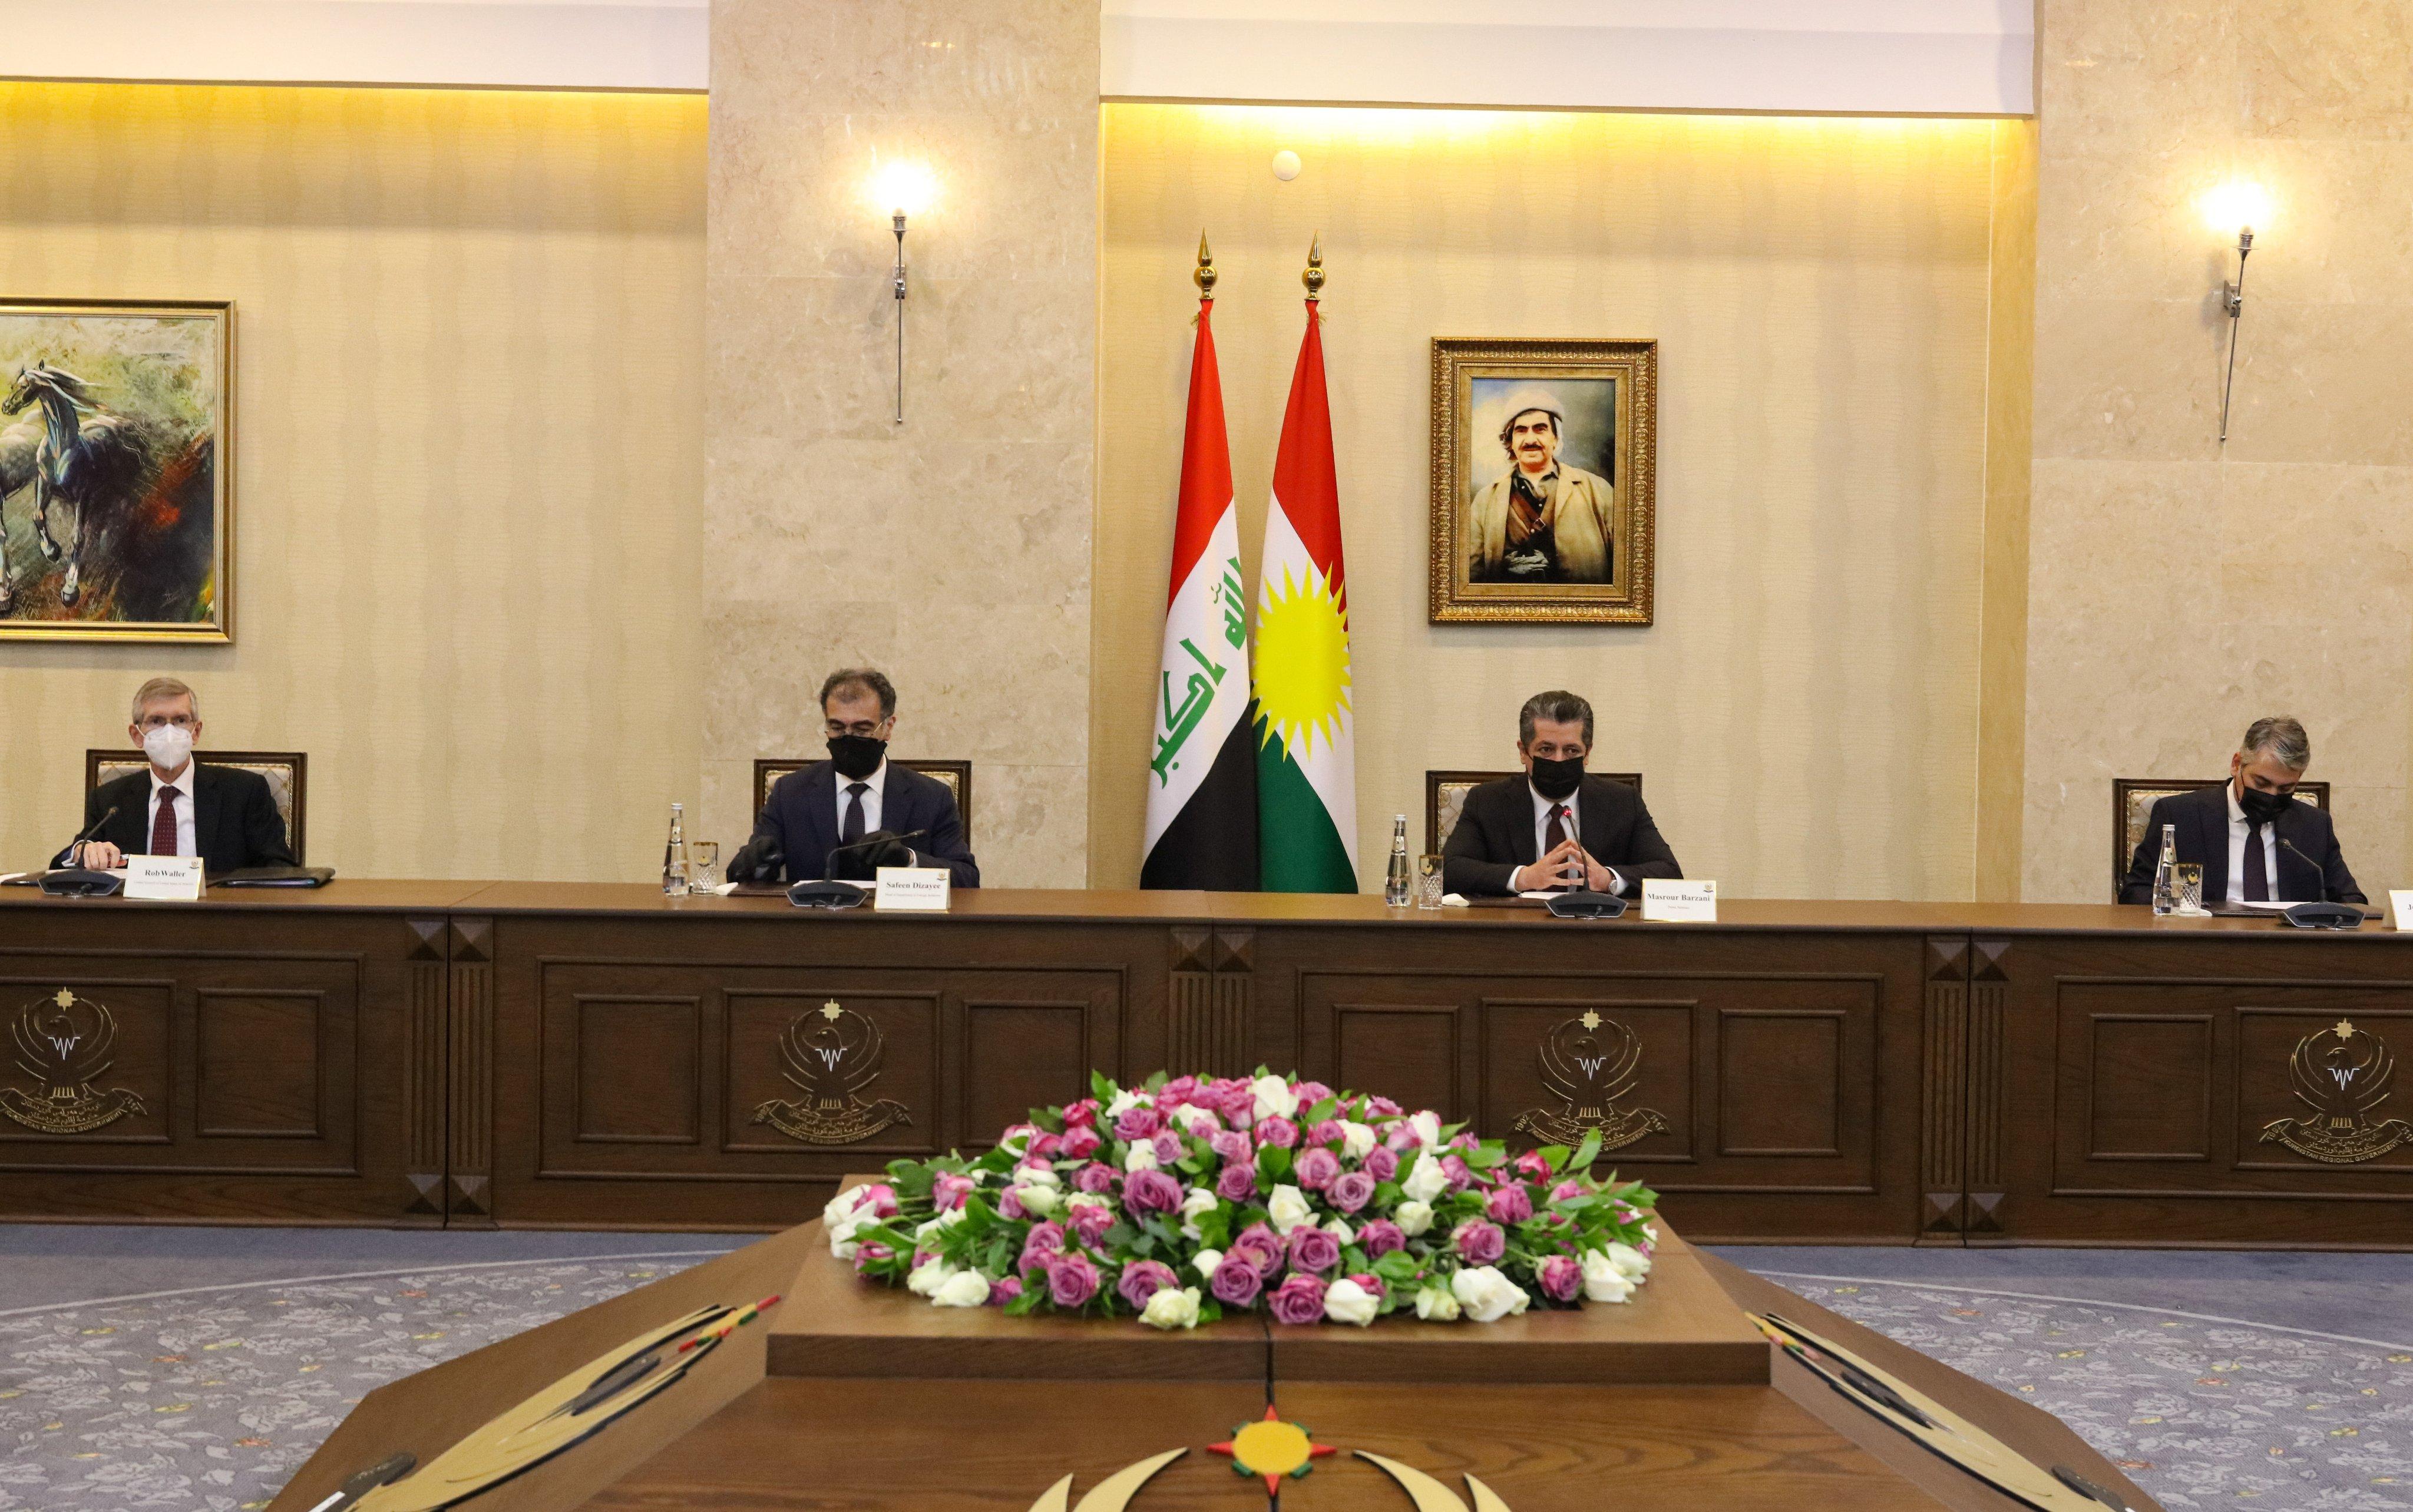 Başbakan: Kürdistan, Ortadoğu'nun istikrarında önemli bir faktördür